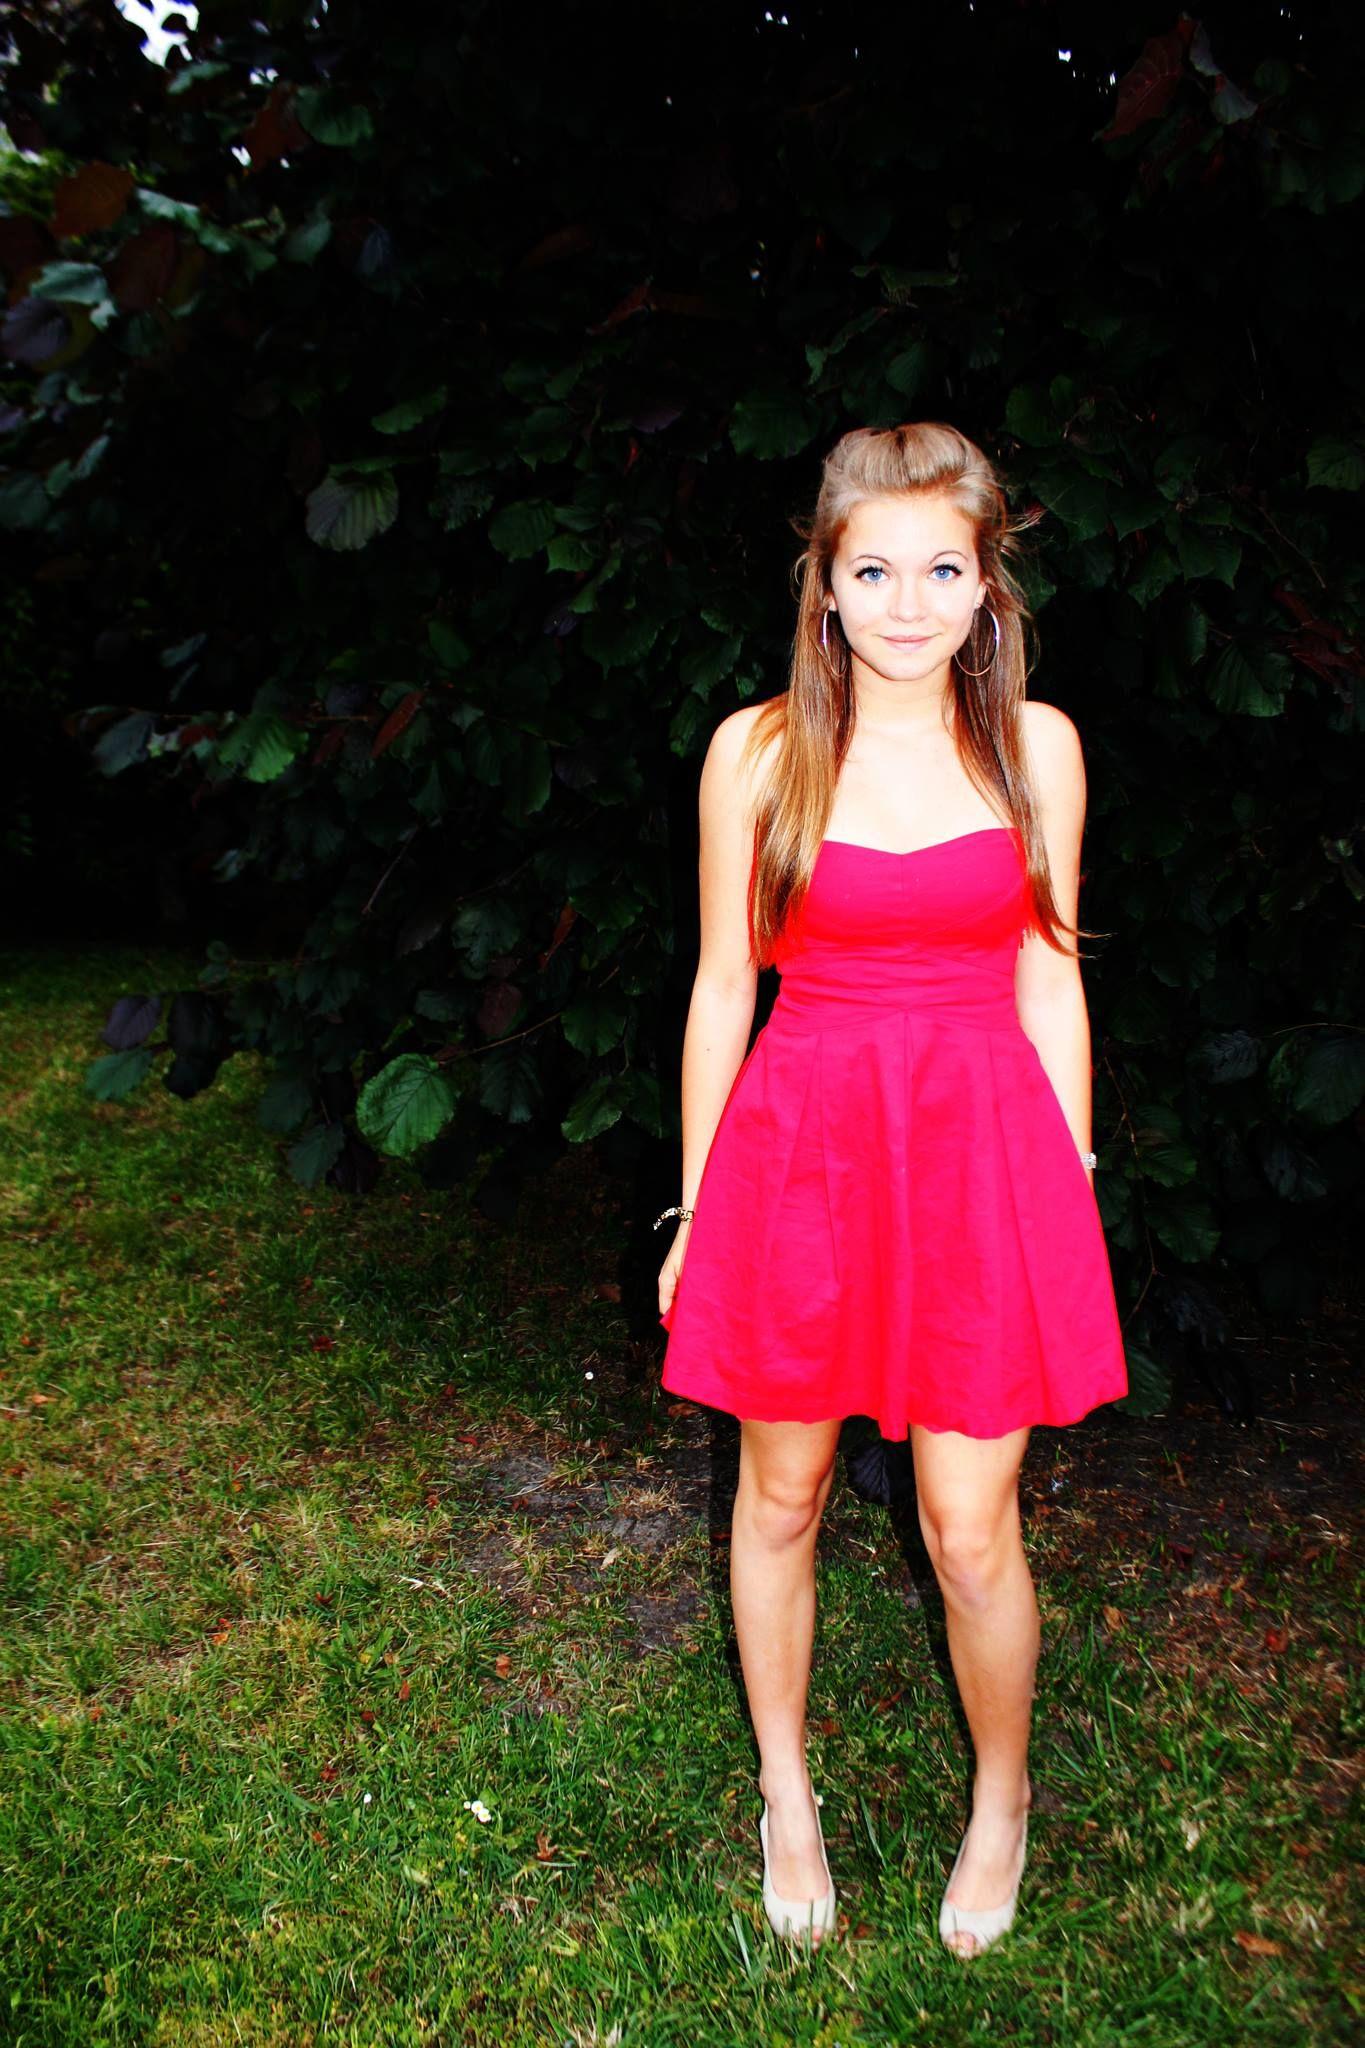 Une princesse dans un jardin plein de conards all stars